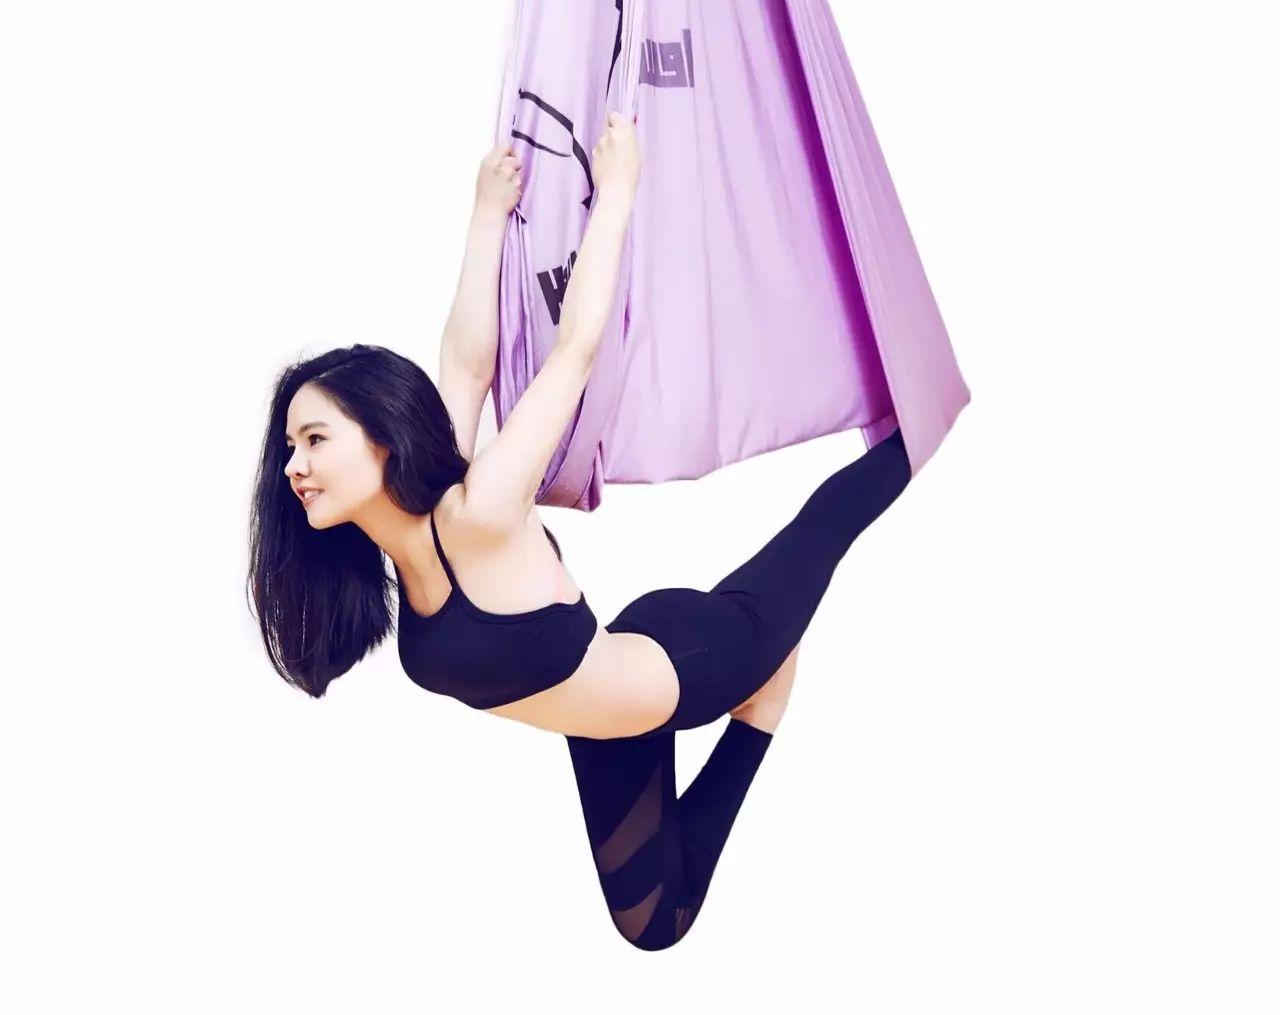 瑜伽导师培训要几年,才能成为优秀的瑜伽导师呢?